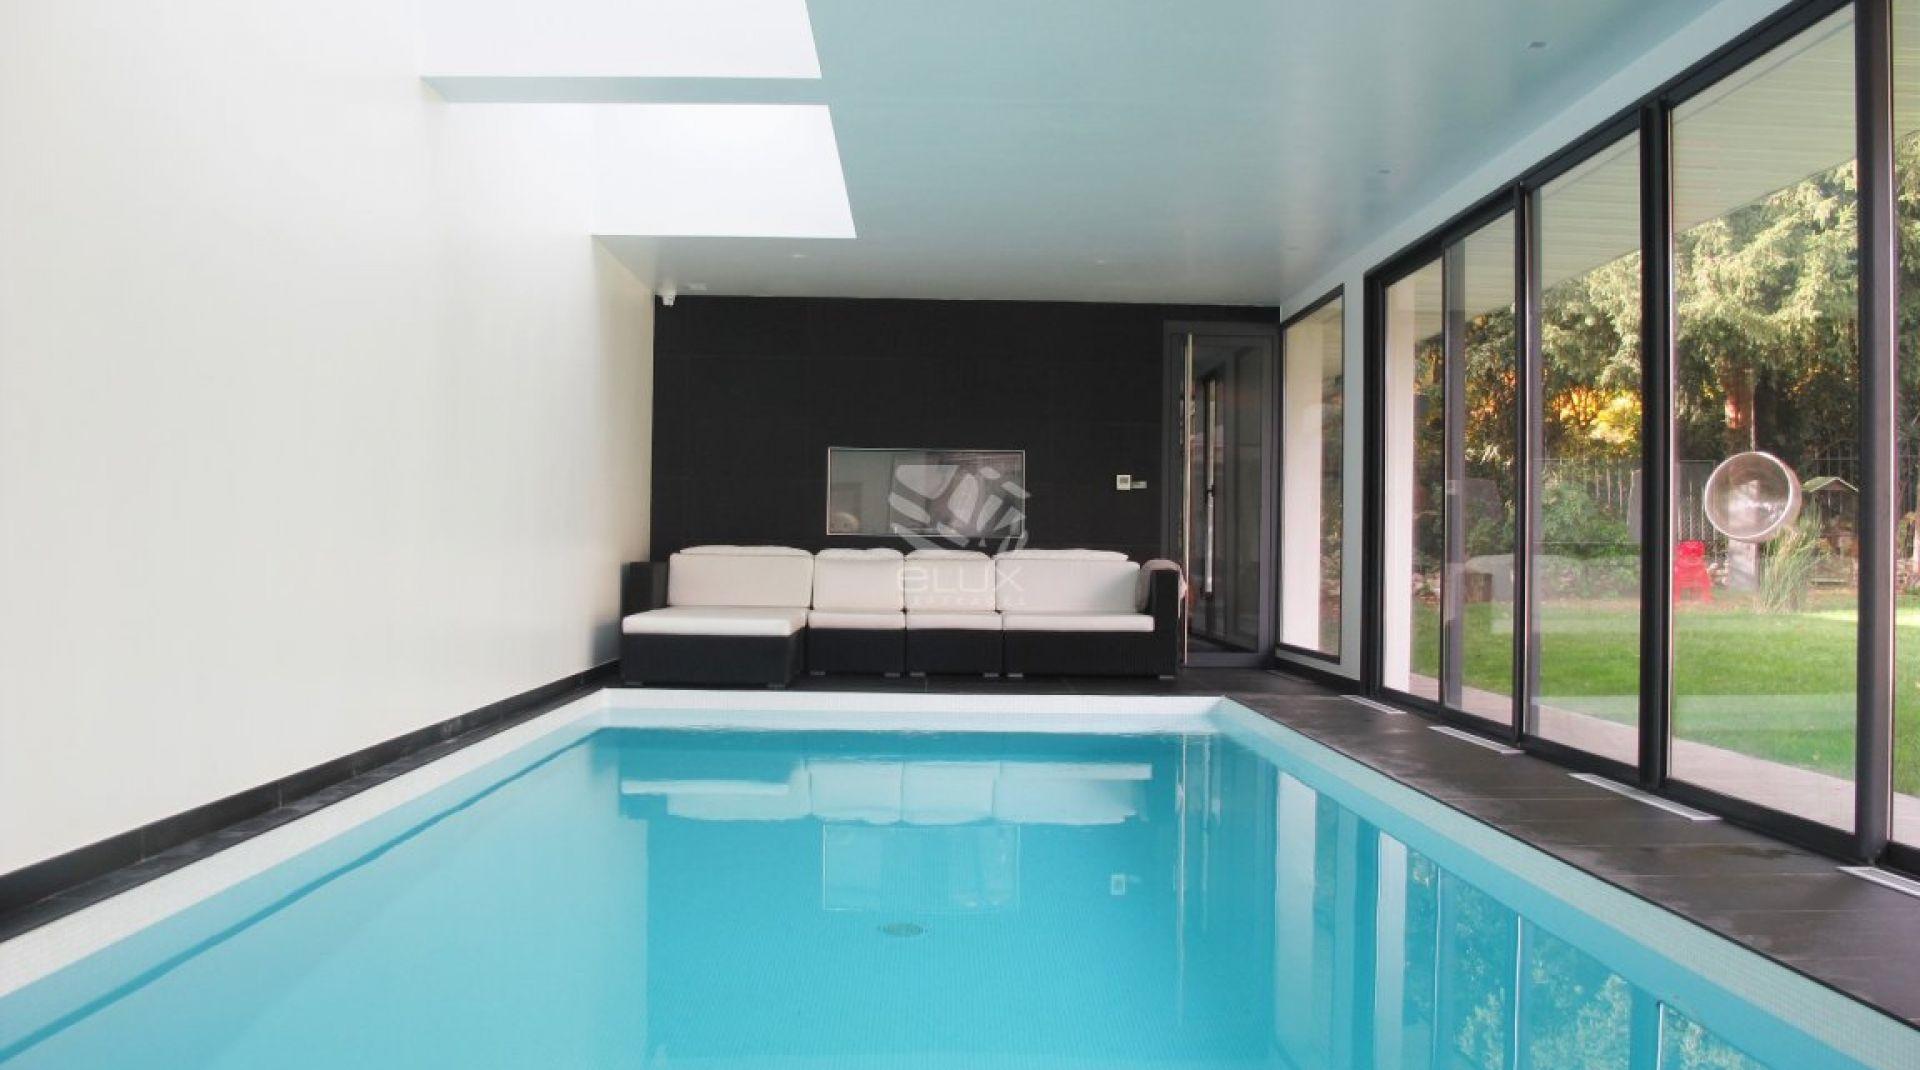 92) Maison D'architecte Avec Piscine Intérieure, Hammam Et ... avec Maison Piscine Intérieure